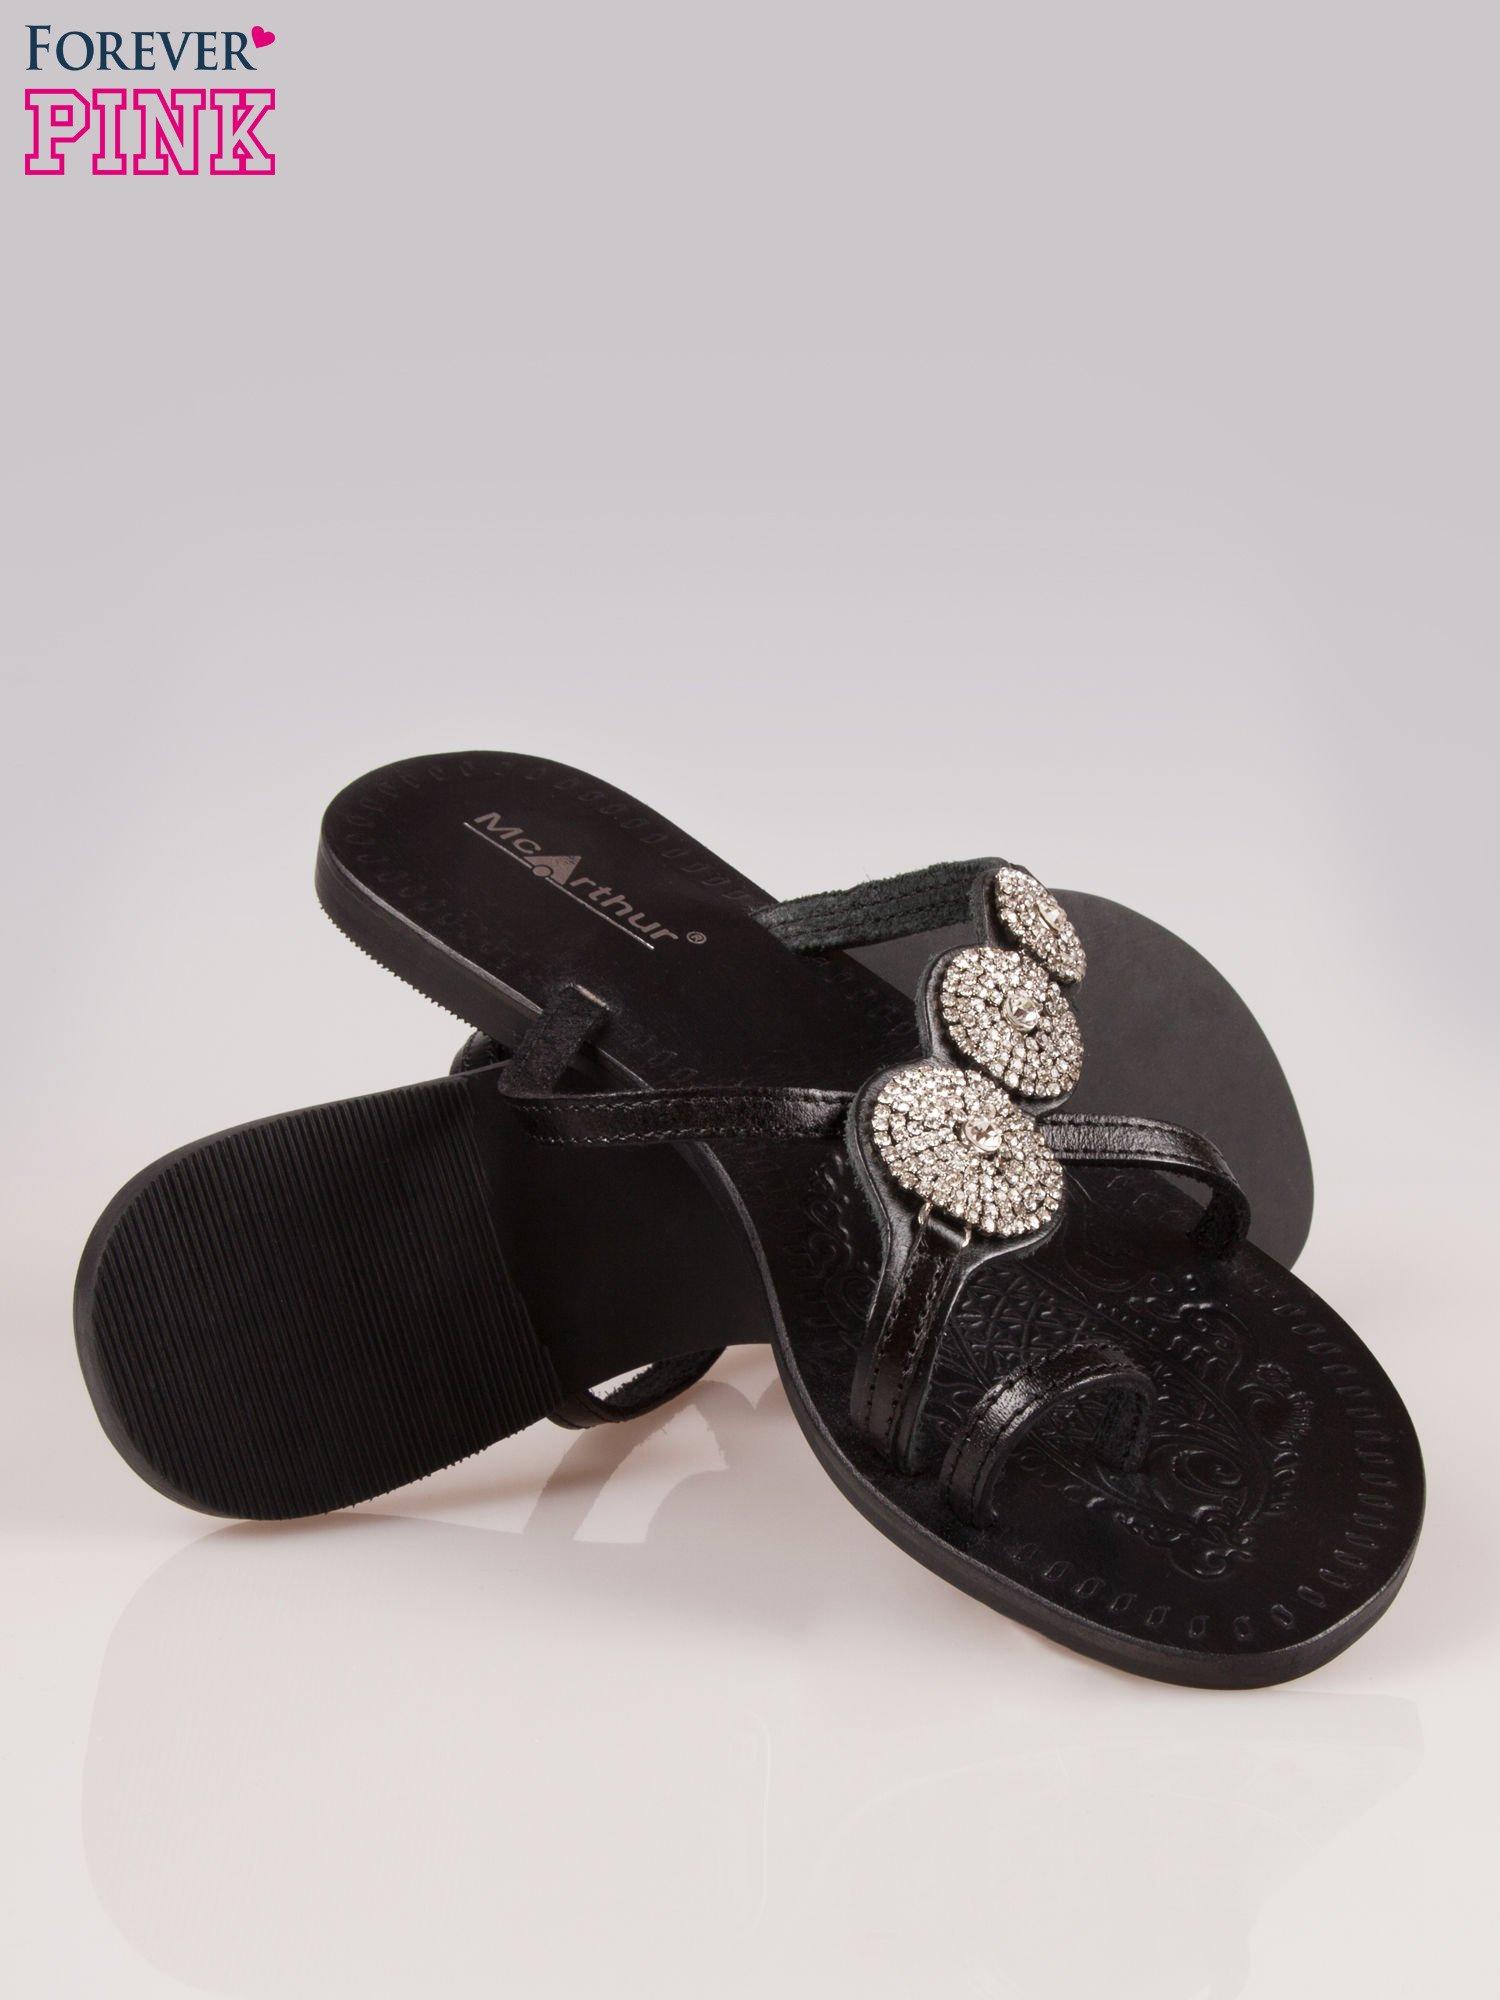 Czarne skórzane klapki typu japonki z ozdobami z cyrkonii                                  zdj.                                  4